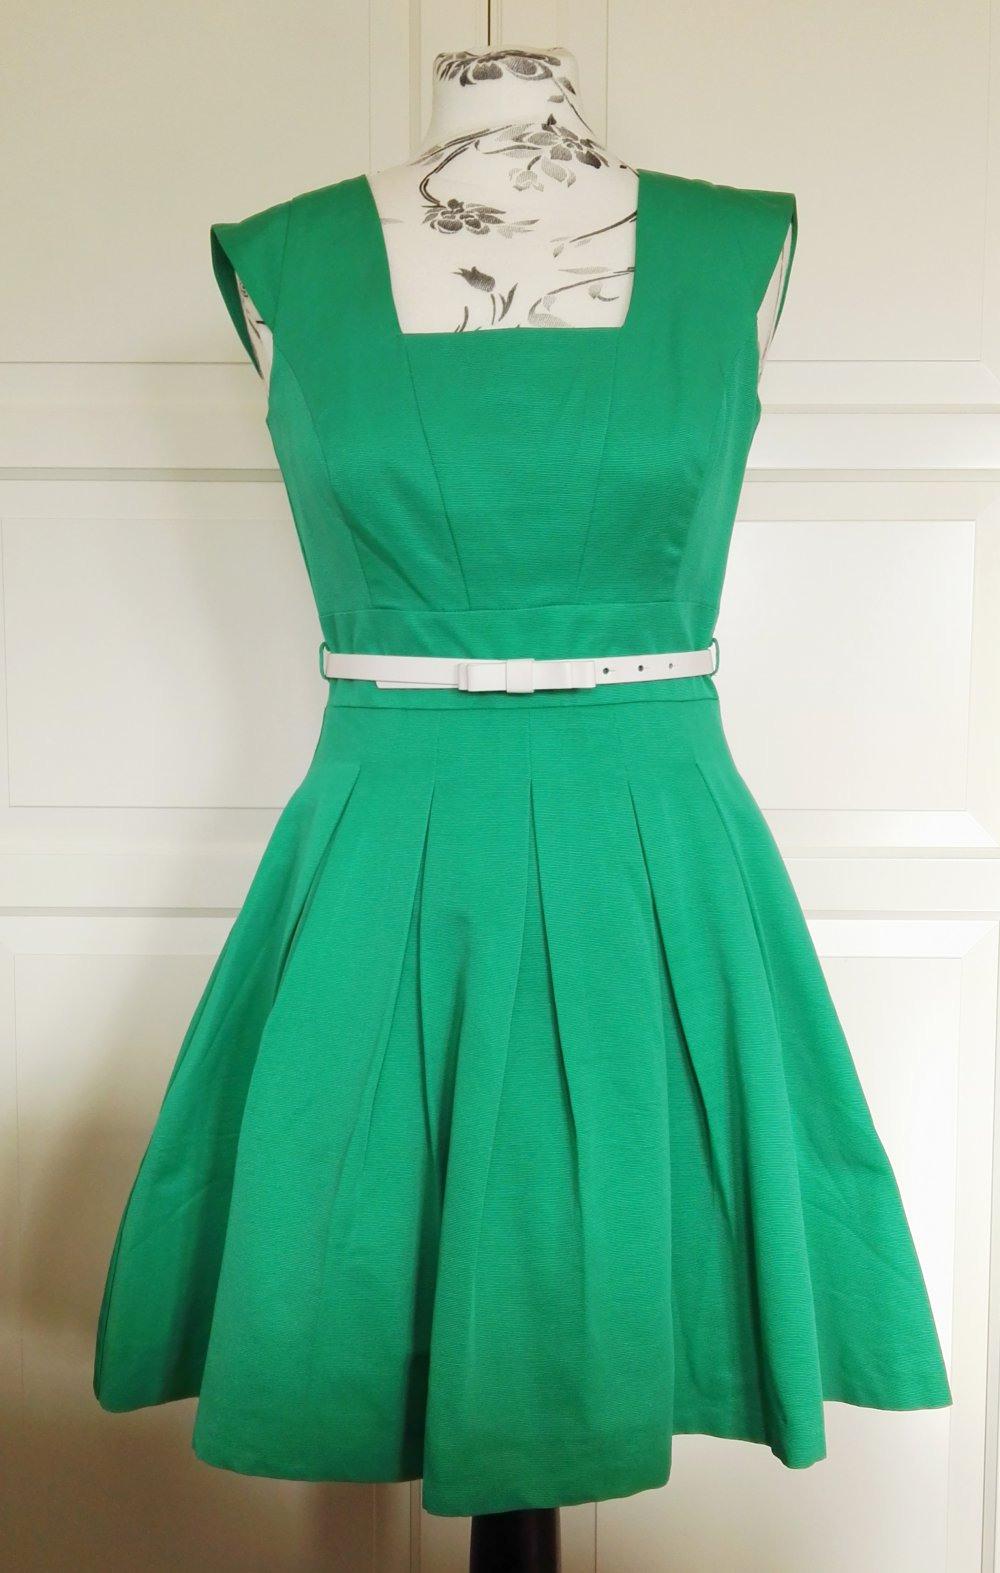 10 Einfach Grünes Kleid Spitze StylishFormal Fantastisch Grünes Kleid Spitze für 2019